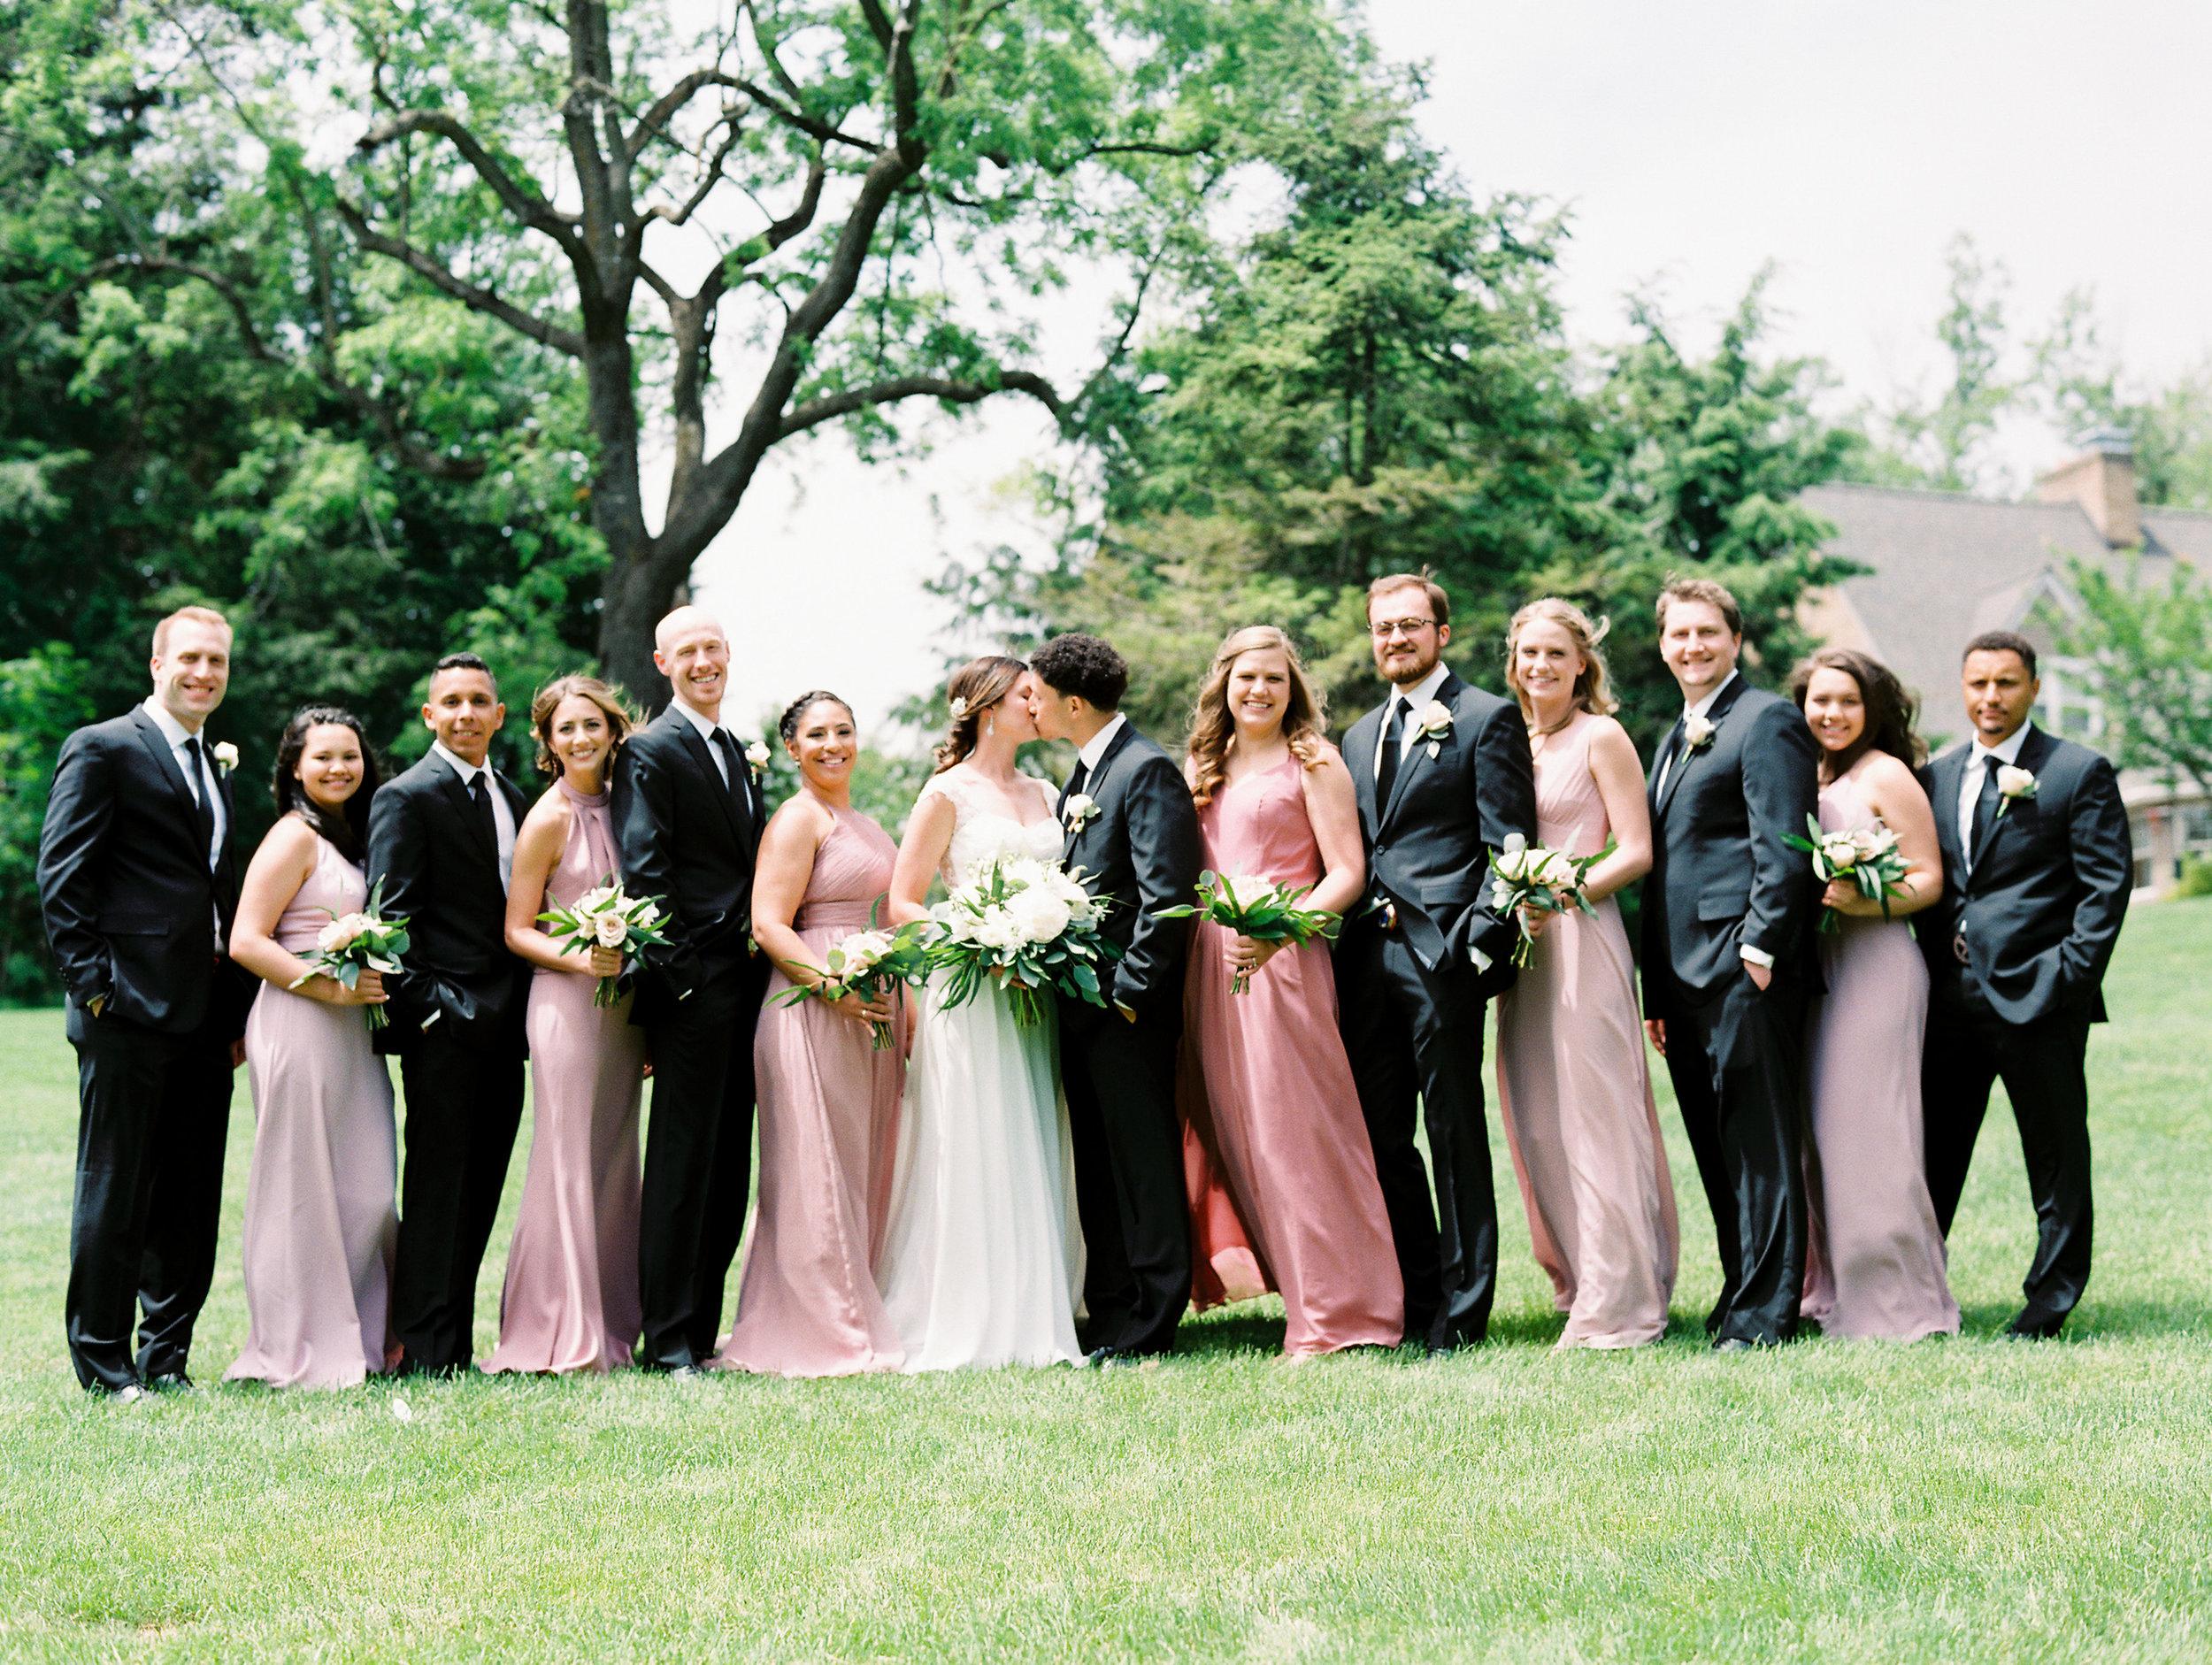 Julius+Wedding+BridalPartyf-84.jpg